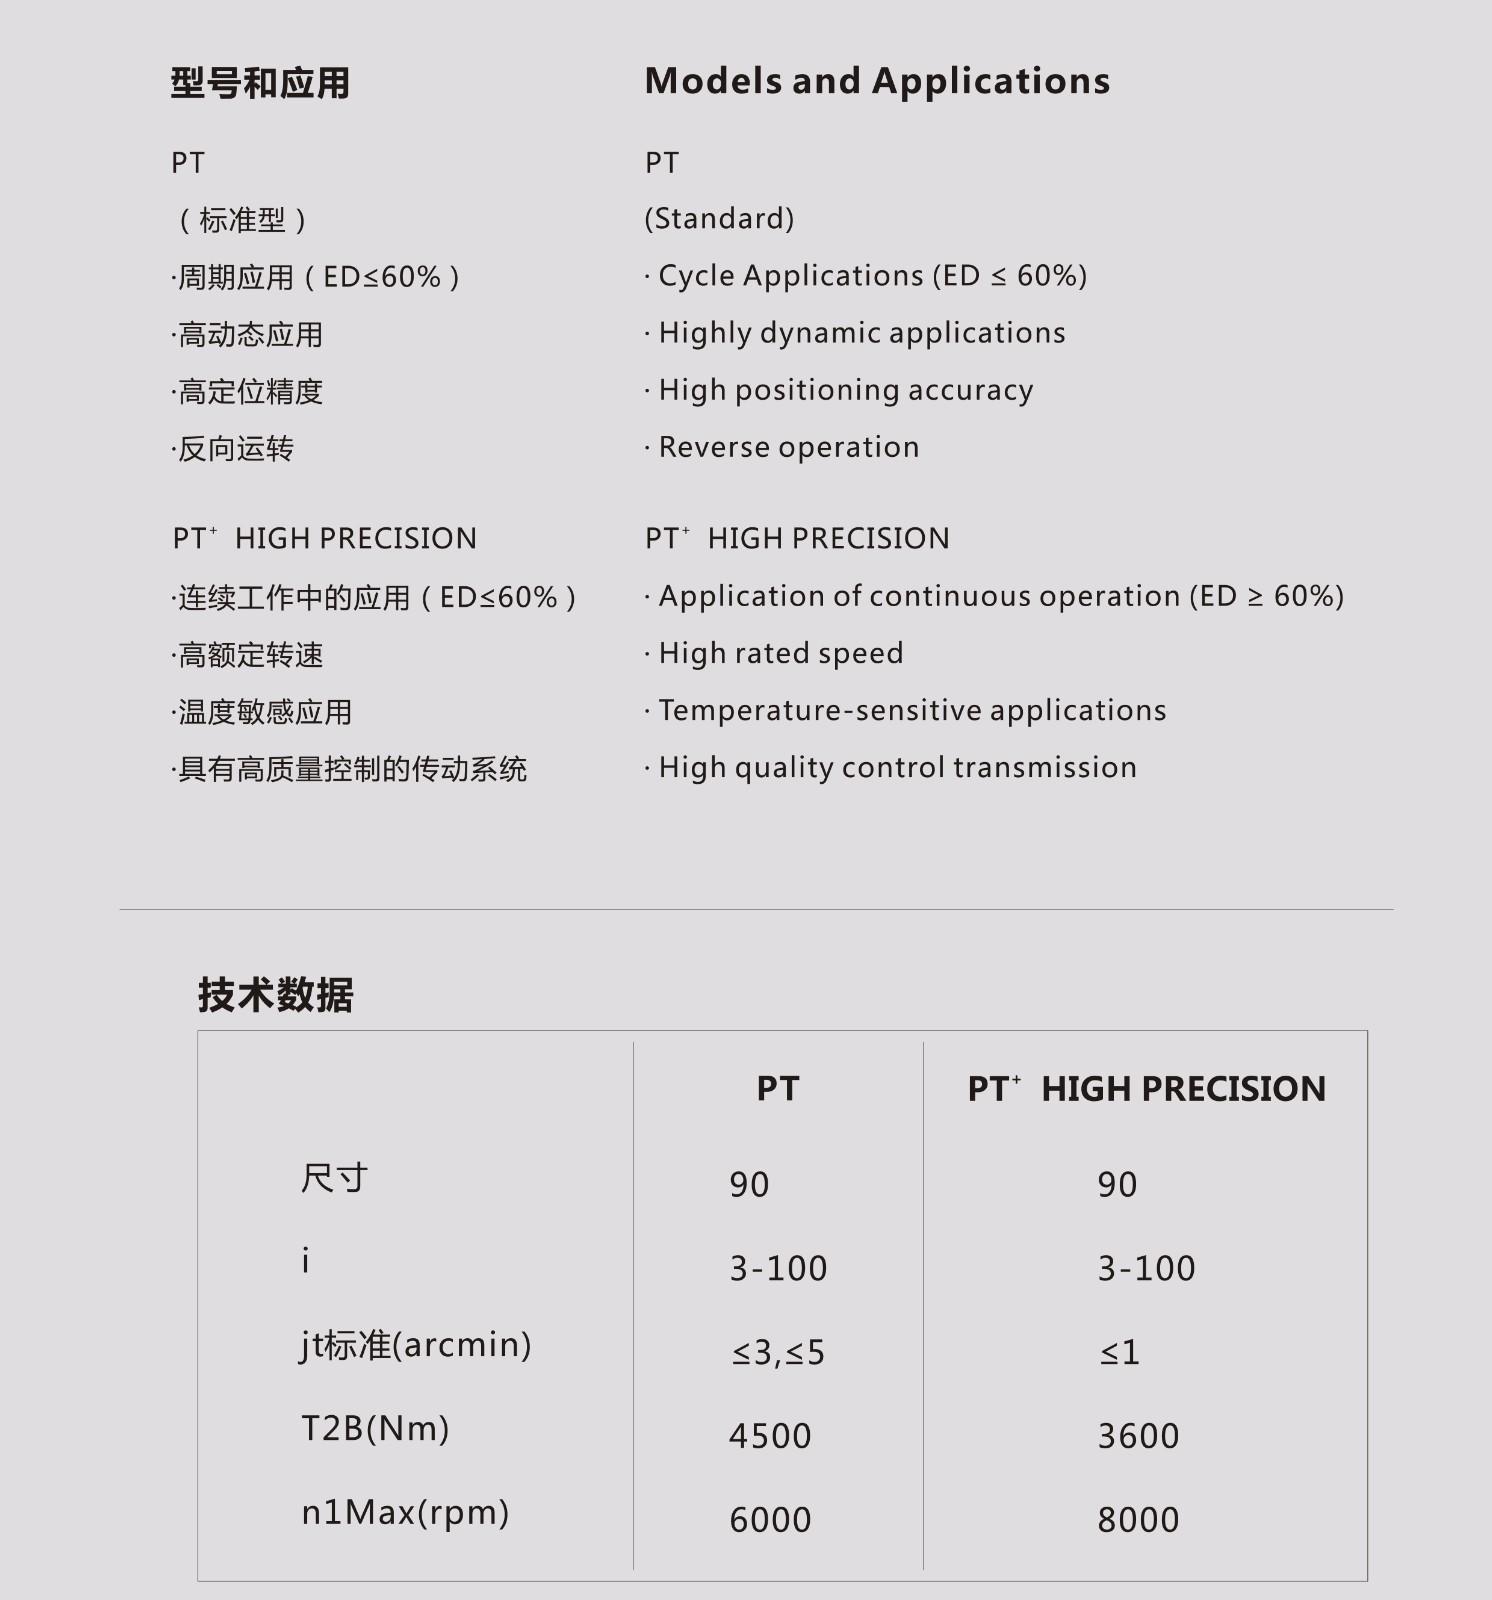 高精度紧凑型行星齿轮箱PT(PT/PT+HIGH PRECISION)|行星减速器系列-深圳市彩83